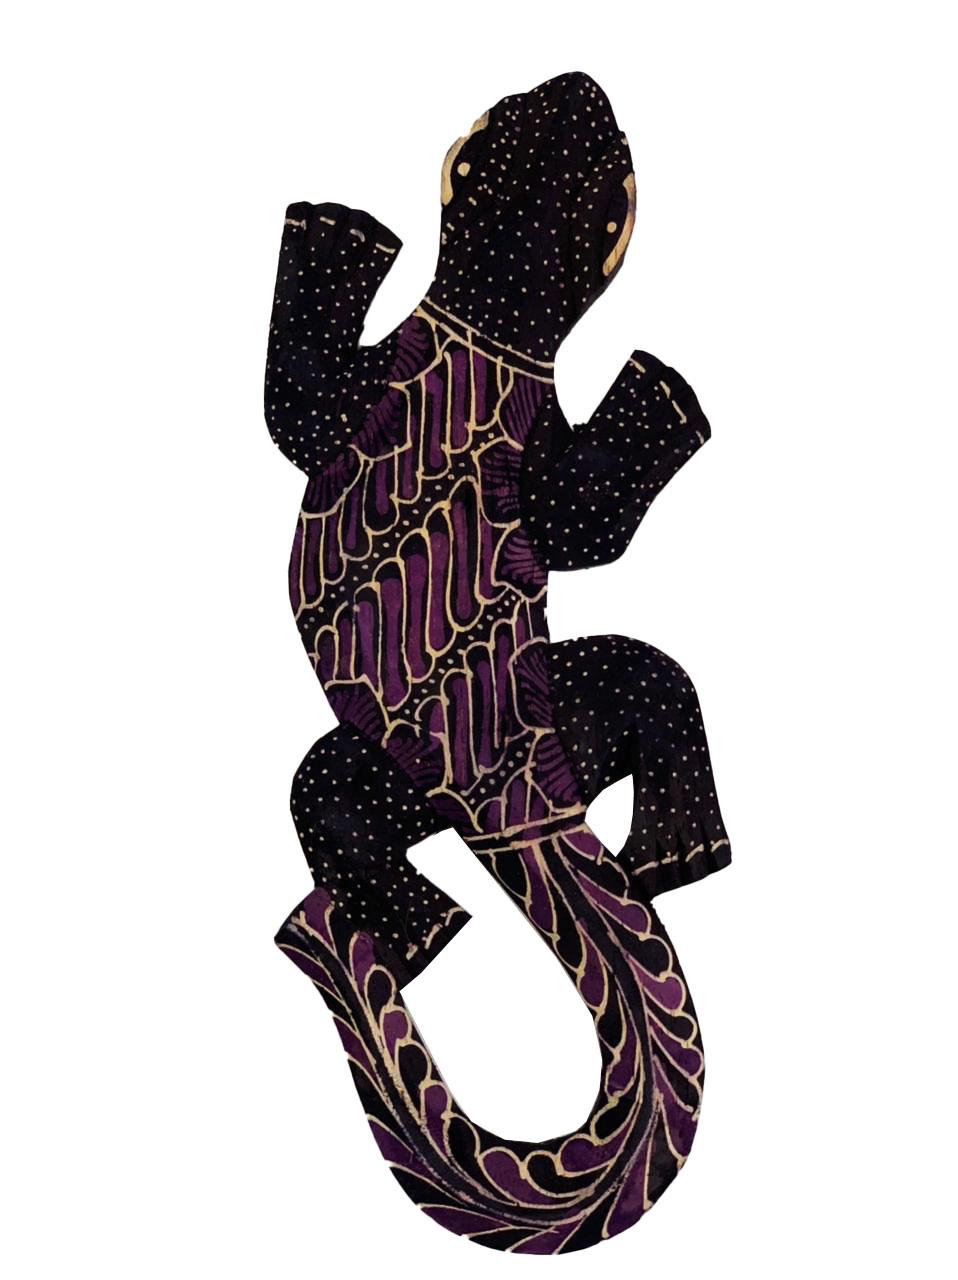 Escultura Lagarto Guecko em Madeira Albesia c/ Pintura Batik Lilás (20cm)